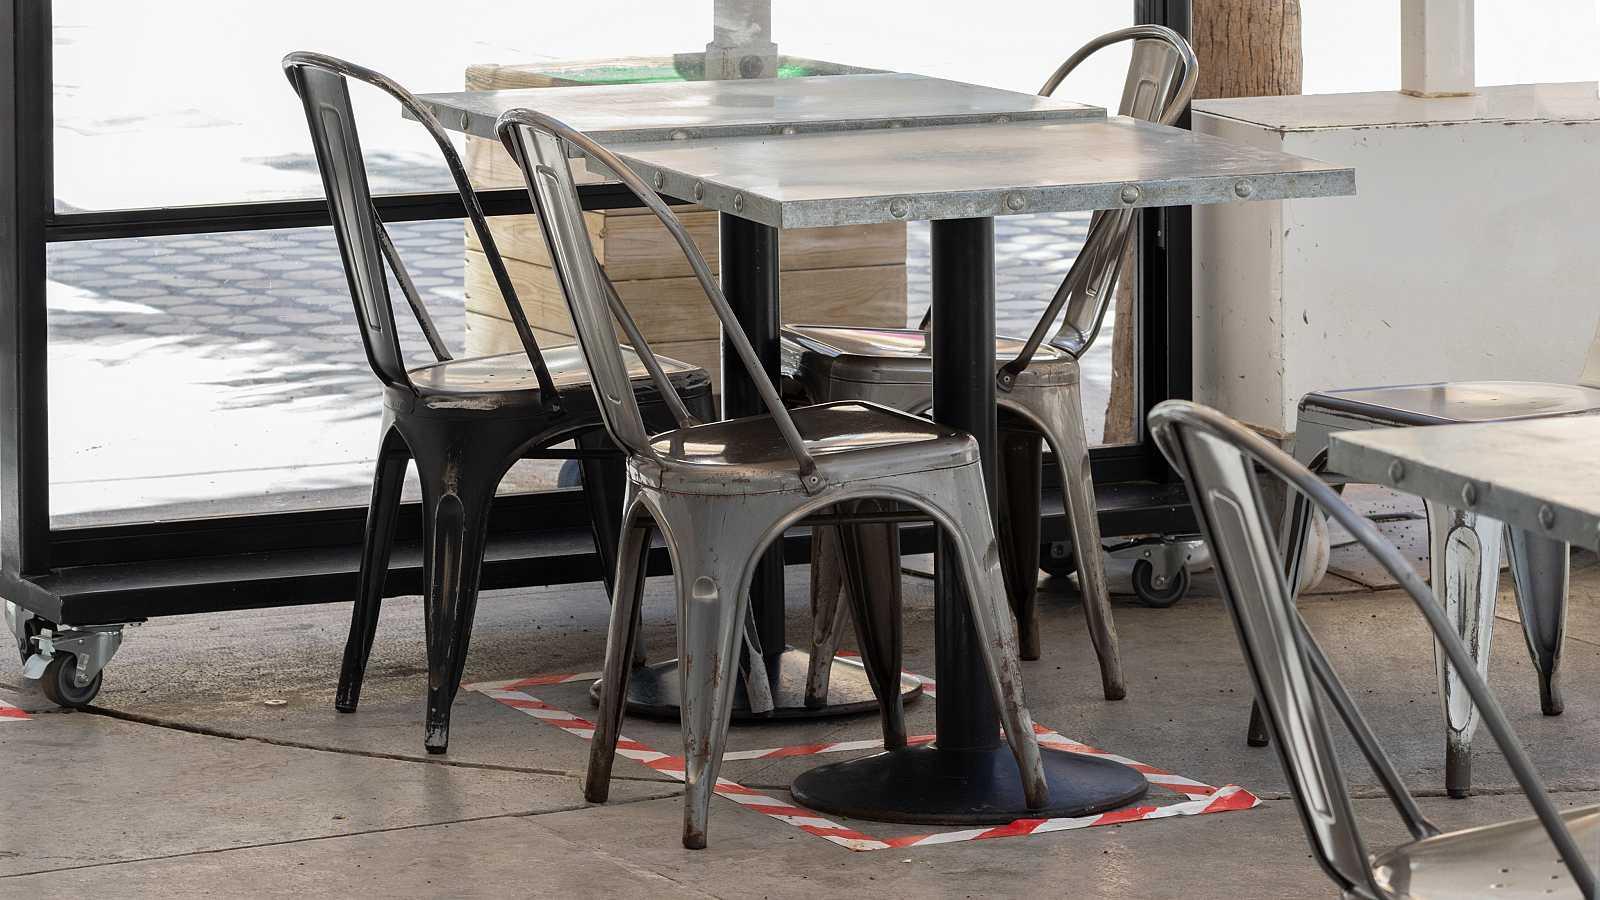 Sillas y mesas vacías en una terraza de bar con el suelo señalizado para mantener la distancia social.